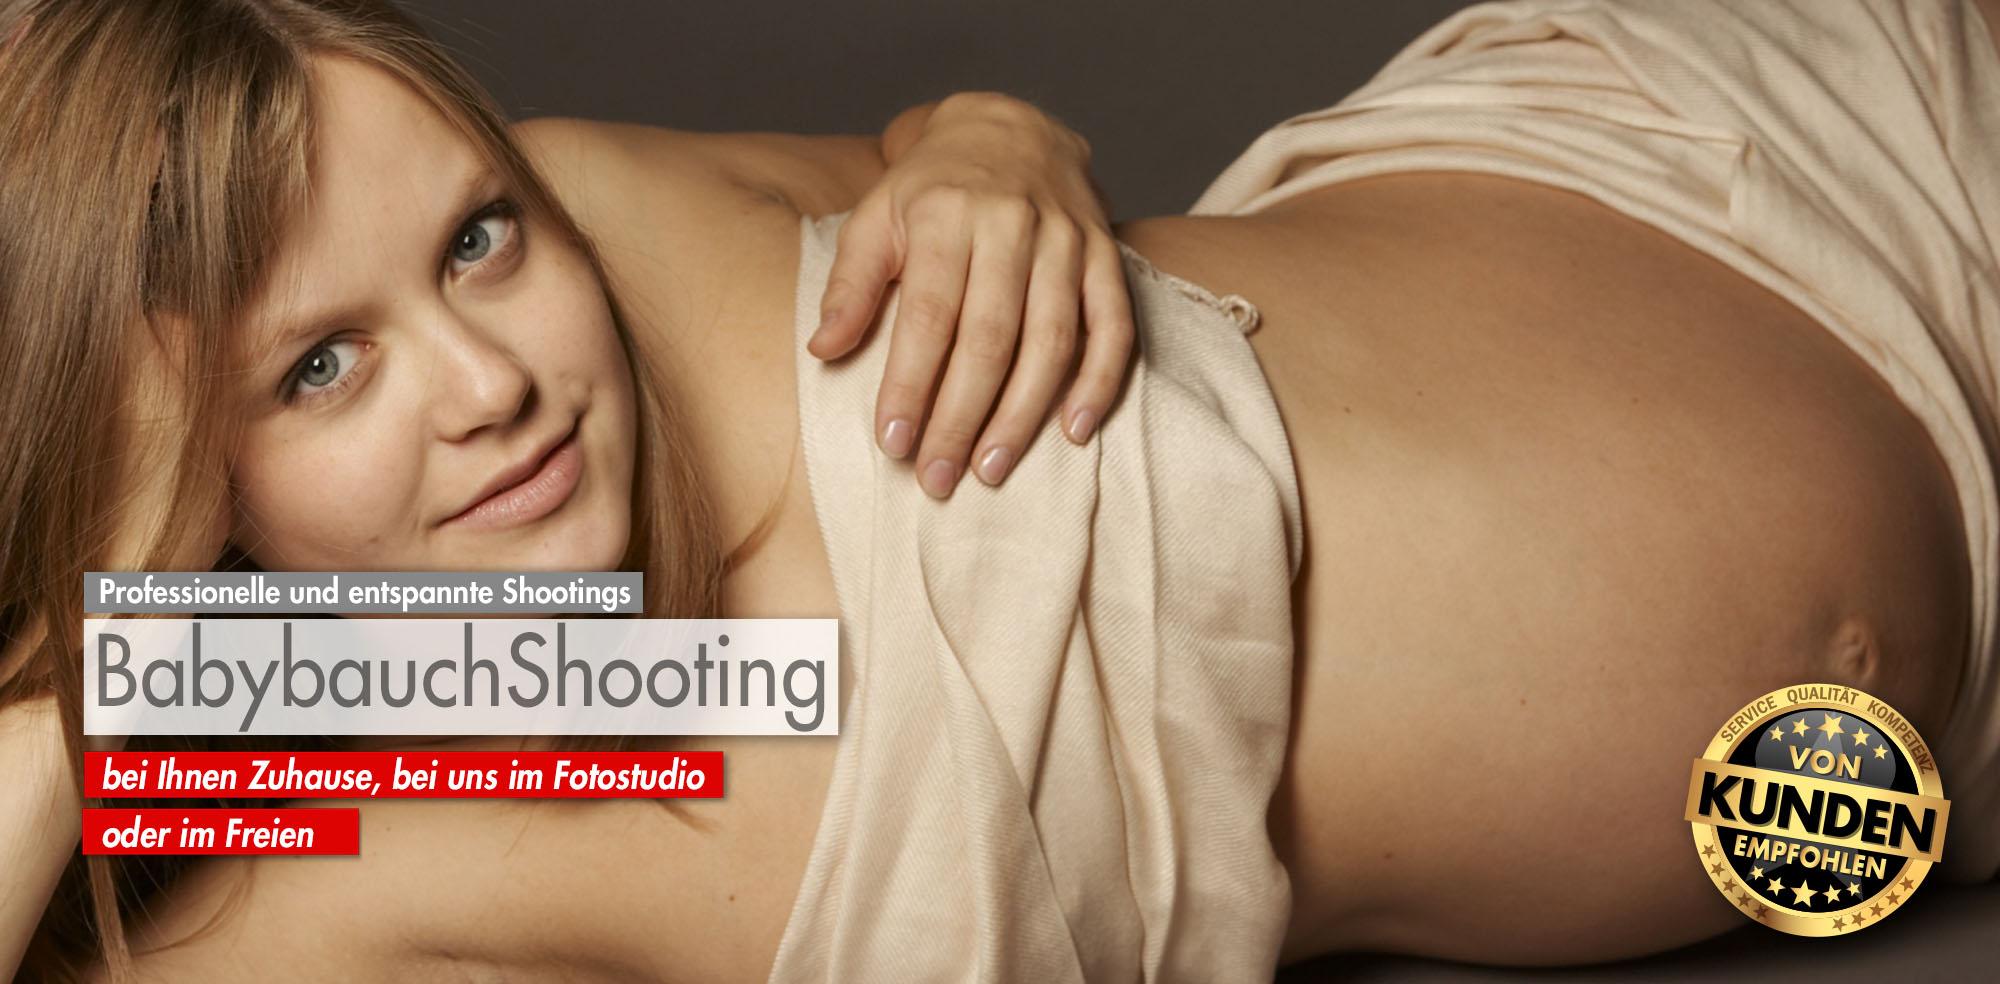 Babybauchfotos, NewbornShooting, Paar-Shootings-Gruppenfotos-Familienfotos-Gruppen2@-BlickFang-2-Fotostudios